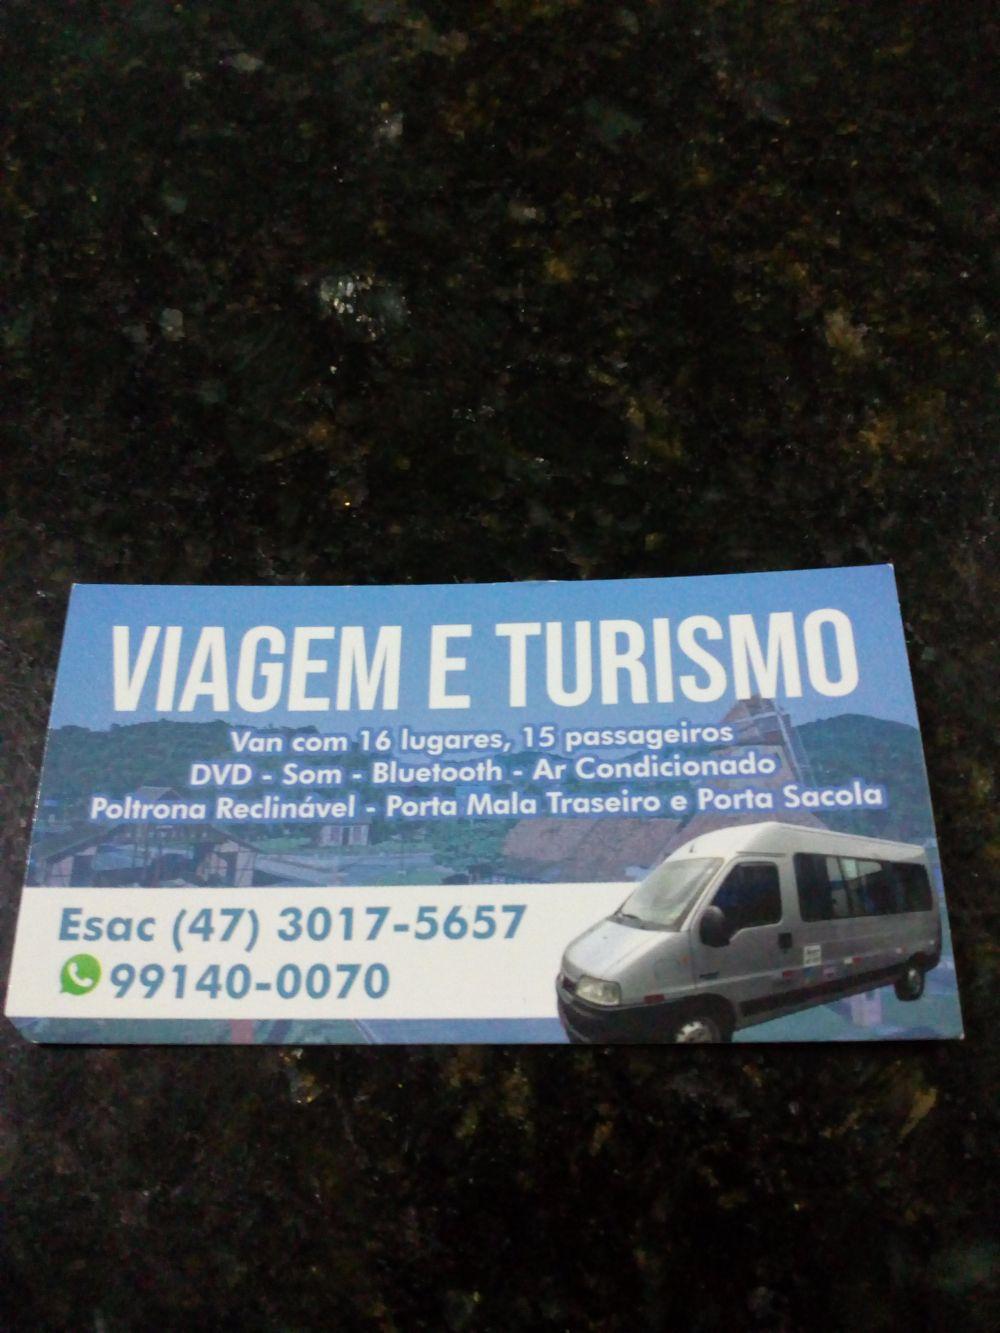 Viagem e turismo